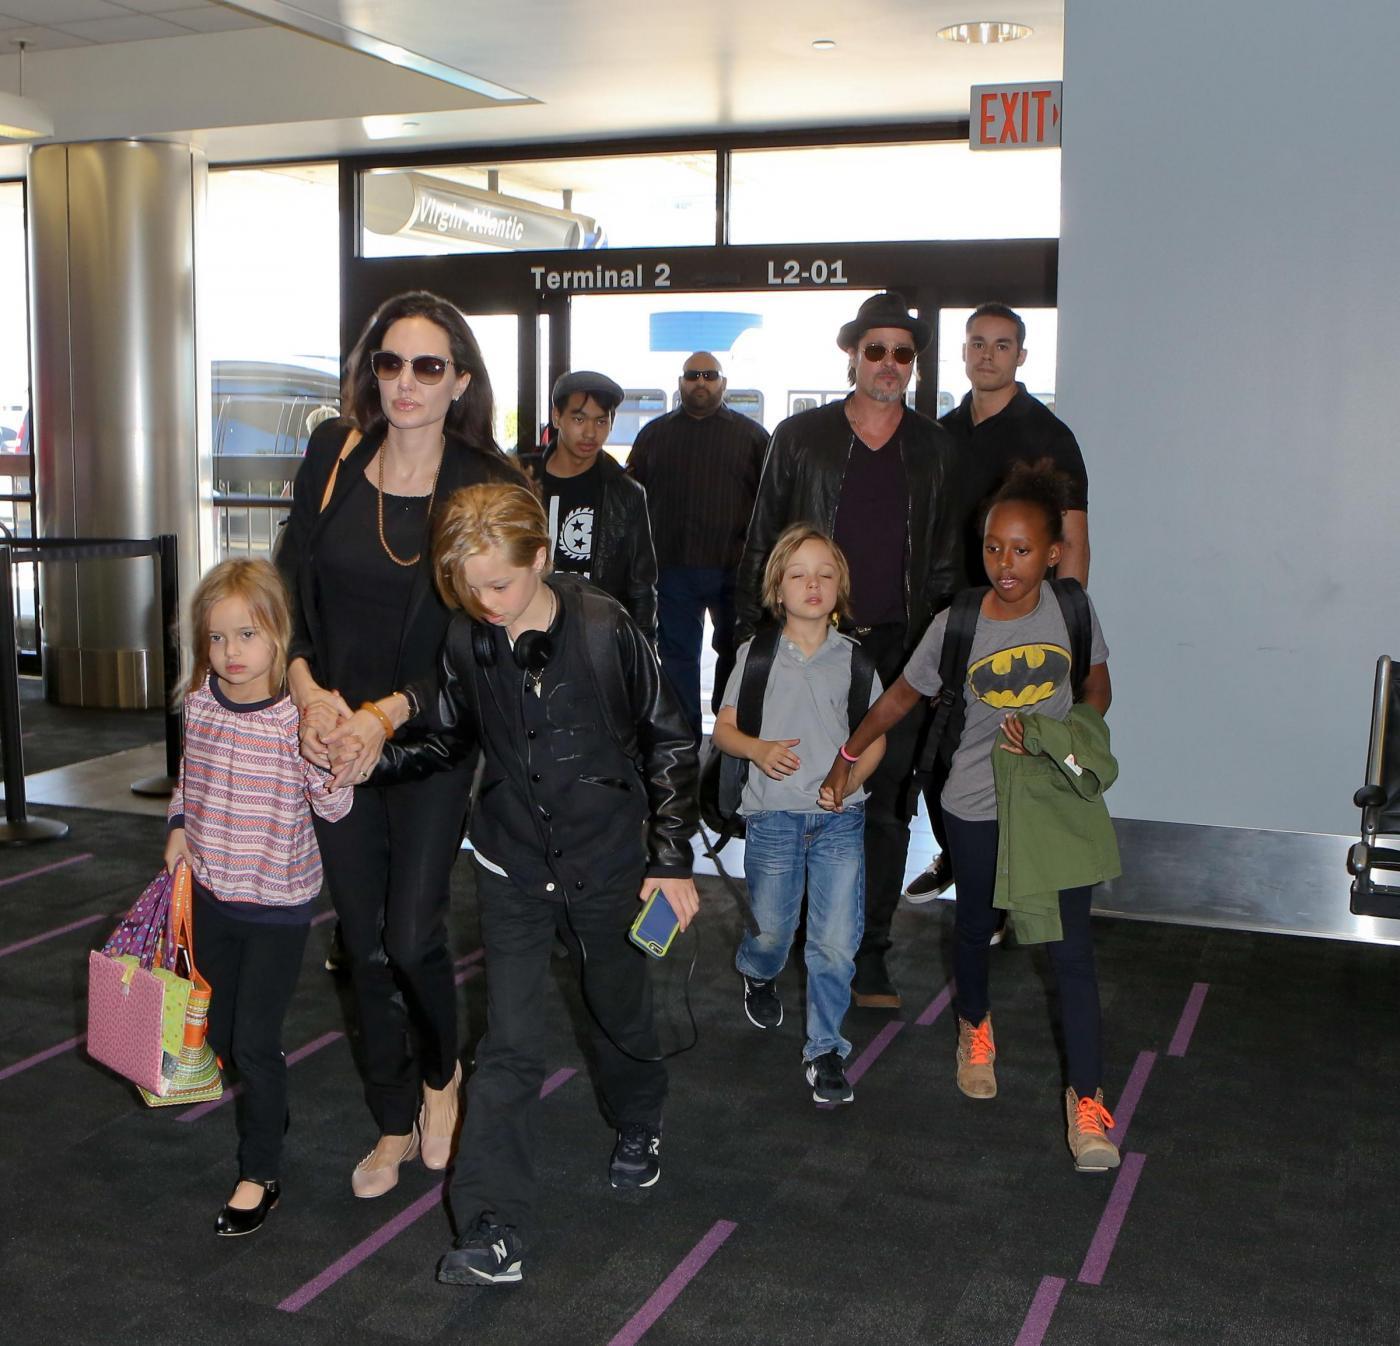 Angelina Jolie e Brad Pitt all'aeroporto con i figli FOTO 5